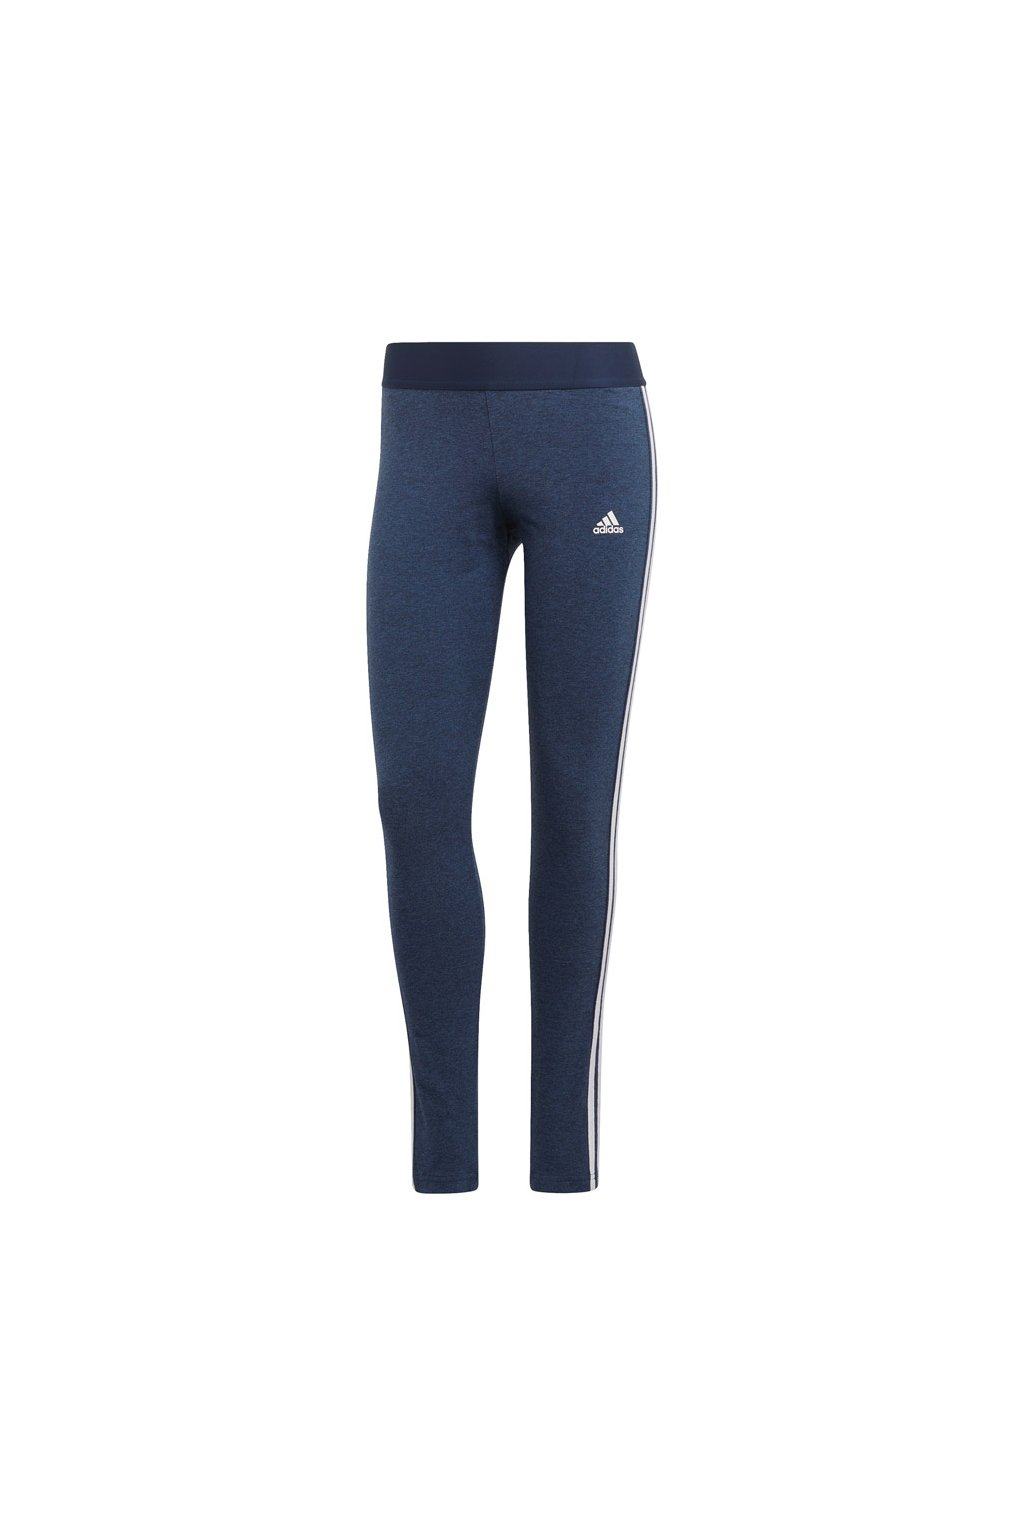 Dámske legíny adidas Essentials Legging modré GL0727